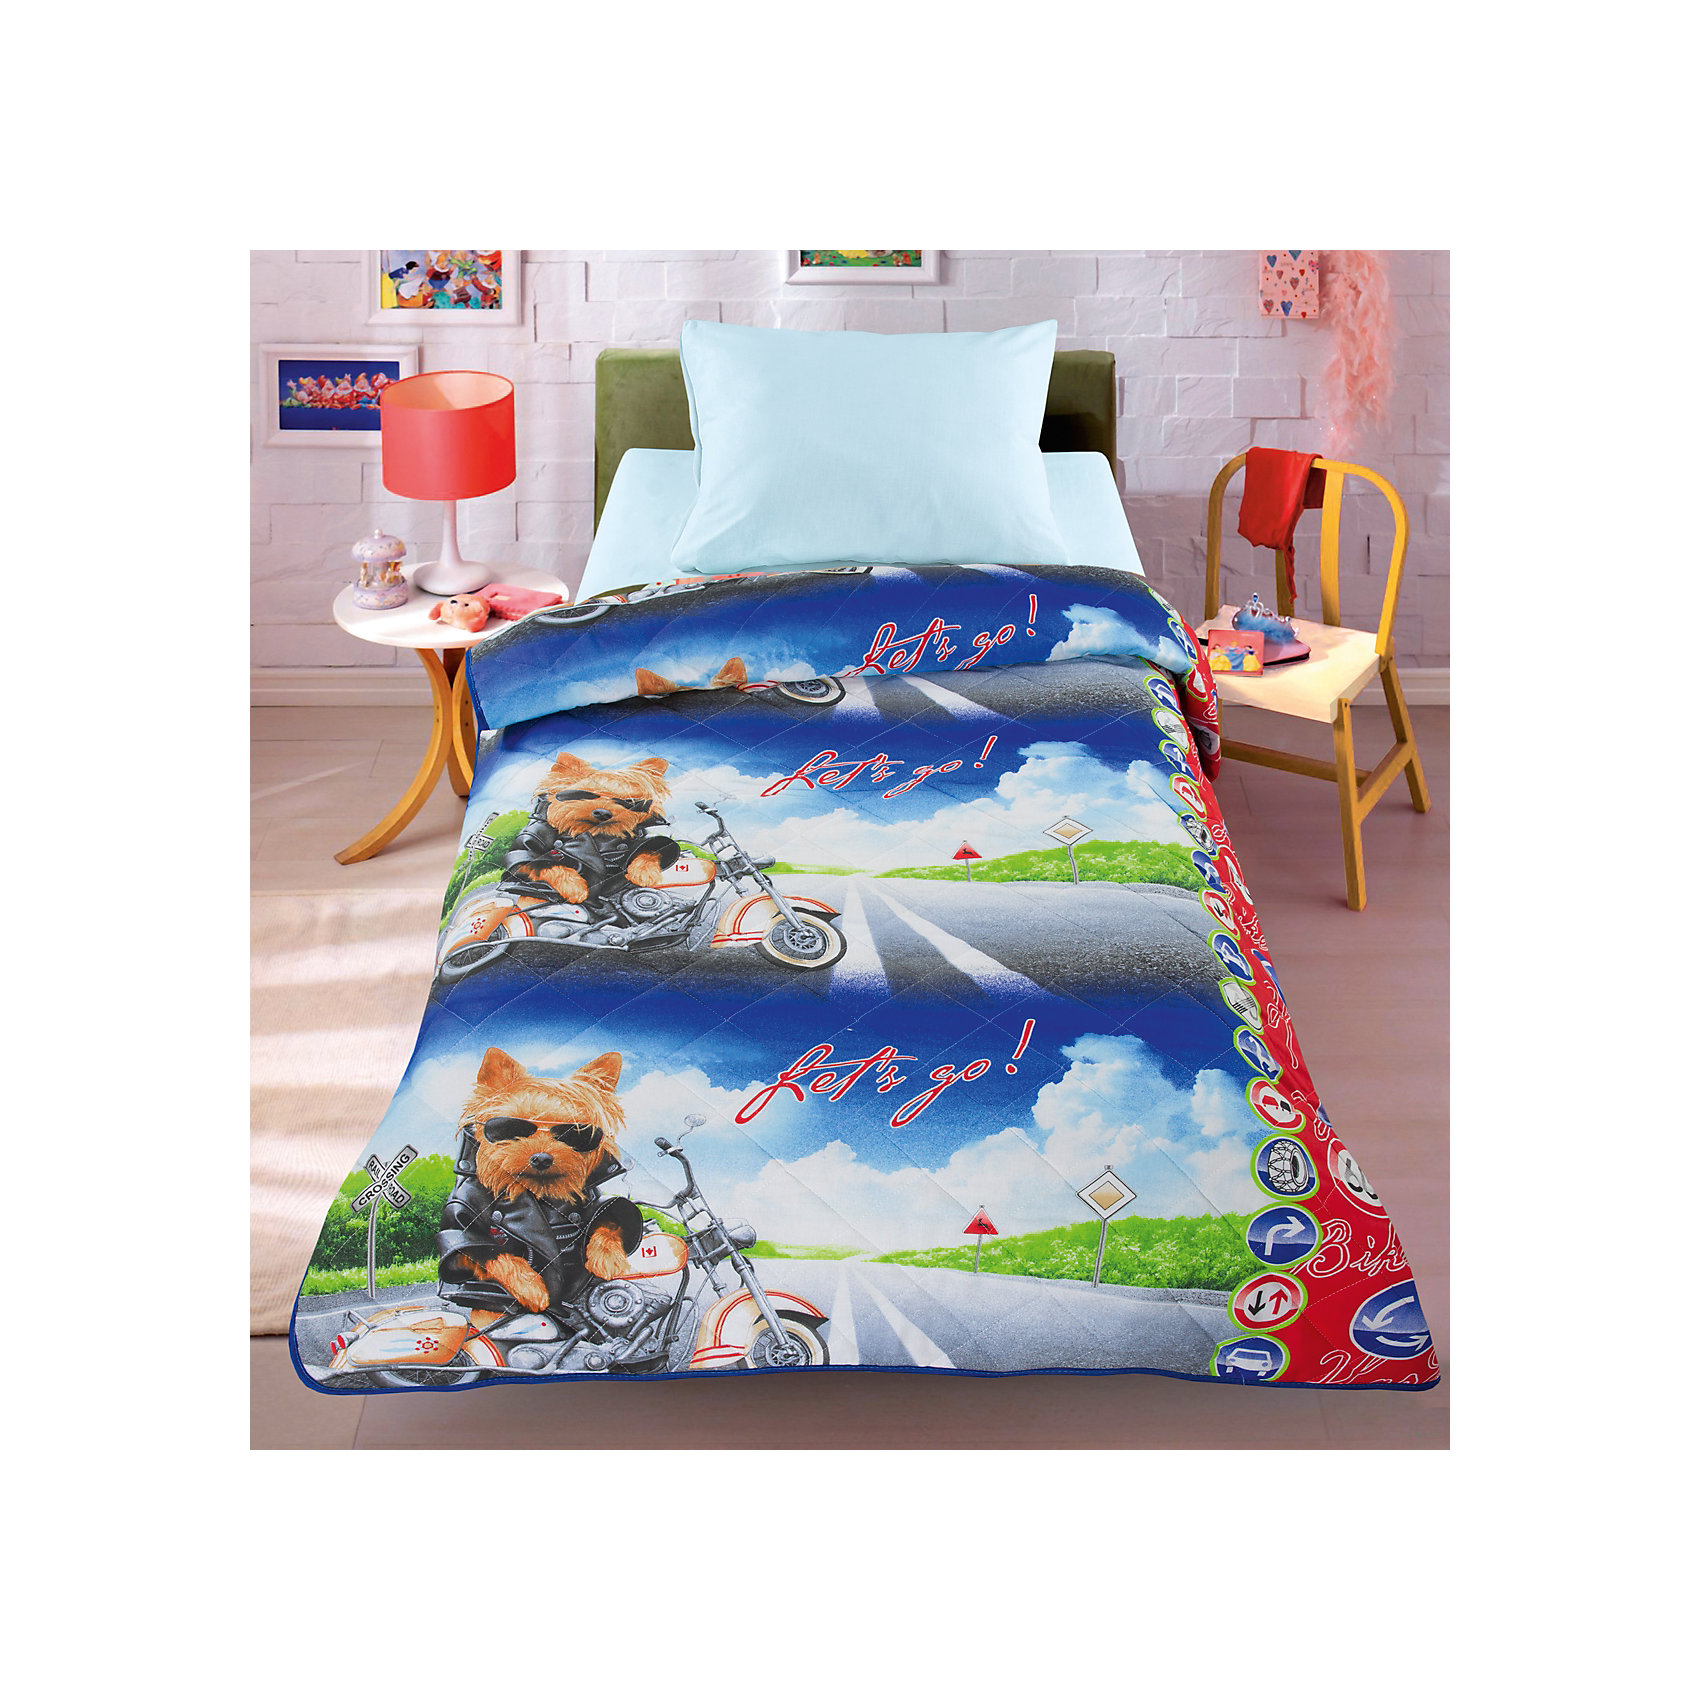 Двустороннее покрывало-одеяло Супербайк 140*200 смЯркое стеганое покрывало с оригинальным рисунком и двусторонним дизайном отлично впишется в интерьер детской и обязательно понравится ребенку. Оно выполнено из натурального хлопка, наполнитель - силиконизированное волокно. Изделие можно использовать как одеяло, под ним ребенку не будет жарко даже летом. Прекрасный вариант для детской комнаты. <br><br>Дополнительная информация:<br><br>- Материал верха: хлопок 100%.<br>- Наполнитель: силиконизированное волокно.<br>- Размер: 140х200 см.<br>- Цвет: белый, голубой, черный, красный.<br>- Стирка: машинная, деликатный режим, 30?.<br><br>Двустороннее покрывало-одеяло Супербайк, 140х200 см, можно купить в нашем магазине.<br><br>Ширина мм: 400<br>Глубина мм: 100<br>Высота мм: 500<br>Вес г: 1500<br>Возраст от месяцев: 36<br>Возраст до месяцев: 120<br>Пол: Мужской<br>Возраст: Детский<br>SKU: 4557460